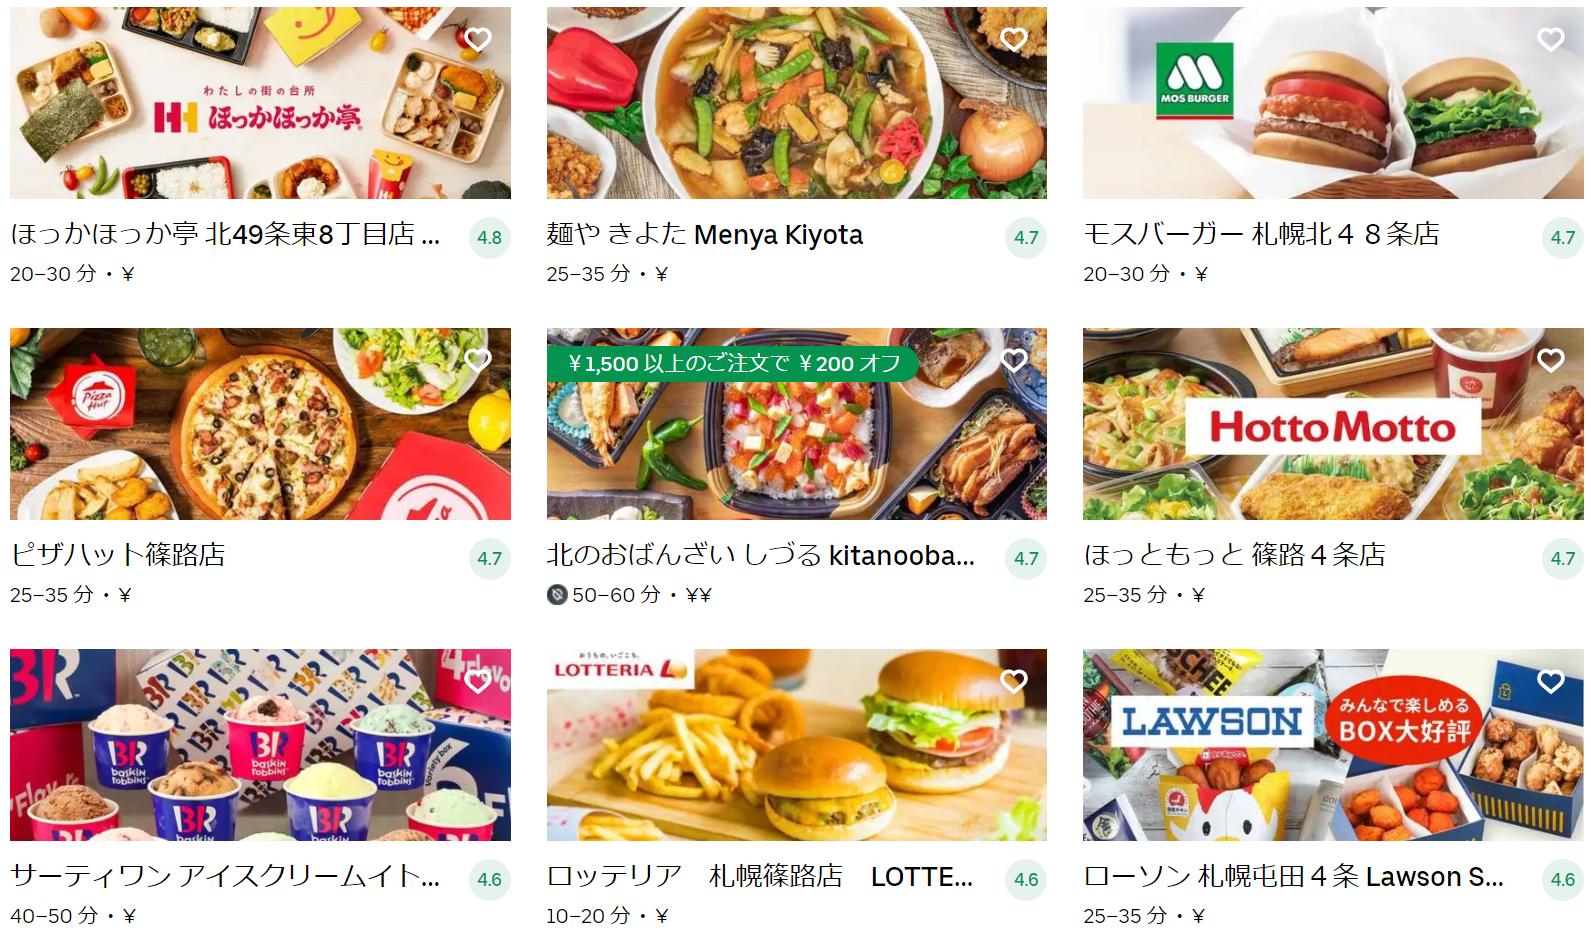 札幌市北区エリアのおすすめUber Eats(ウーバーイーツ)メニュー